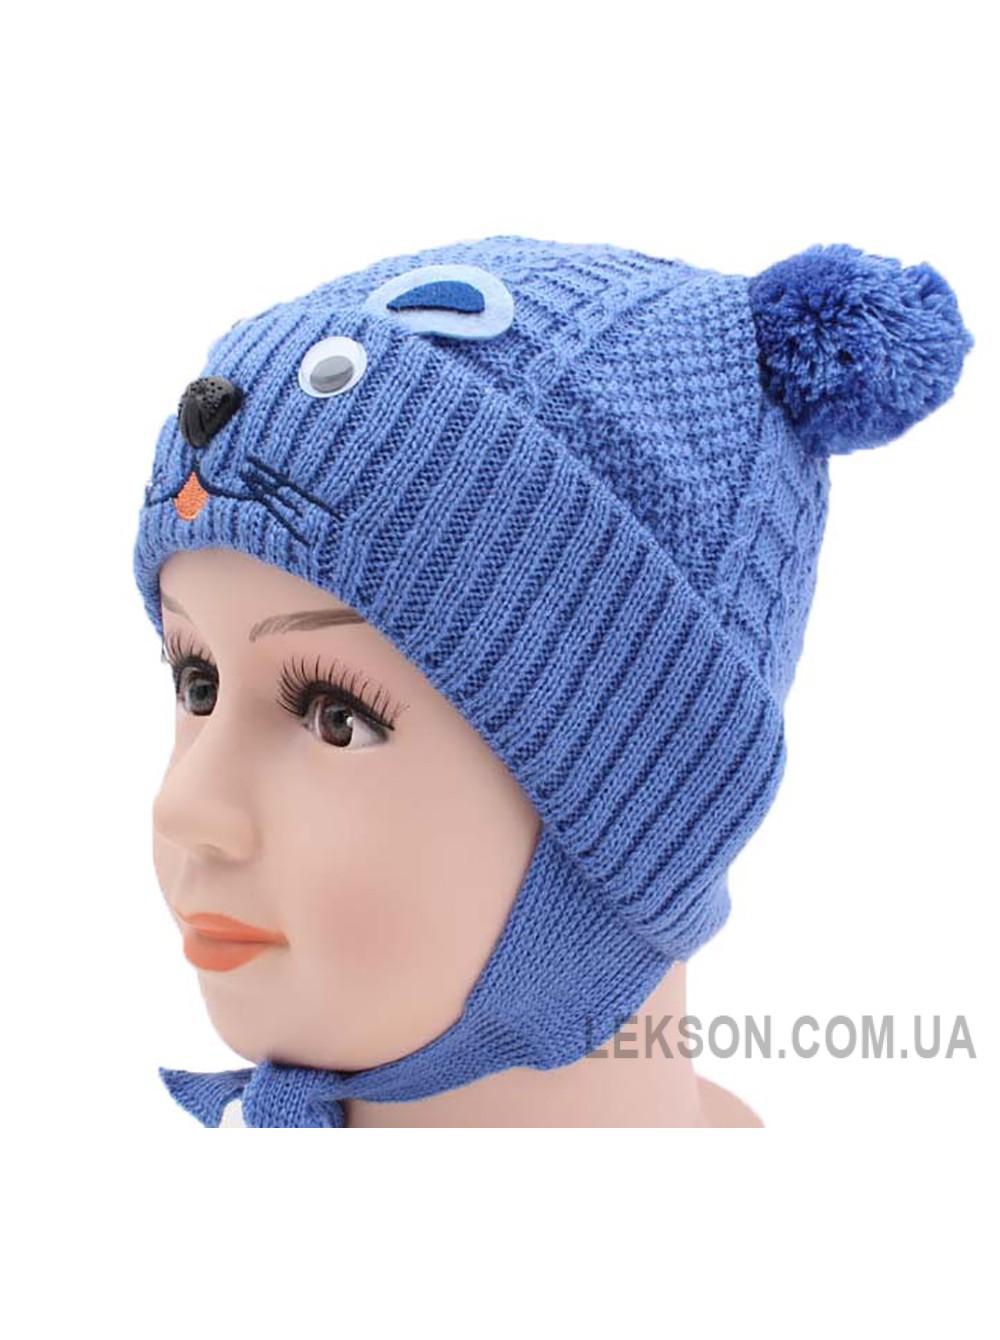 Детская вязаная шапка 116824-44-46